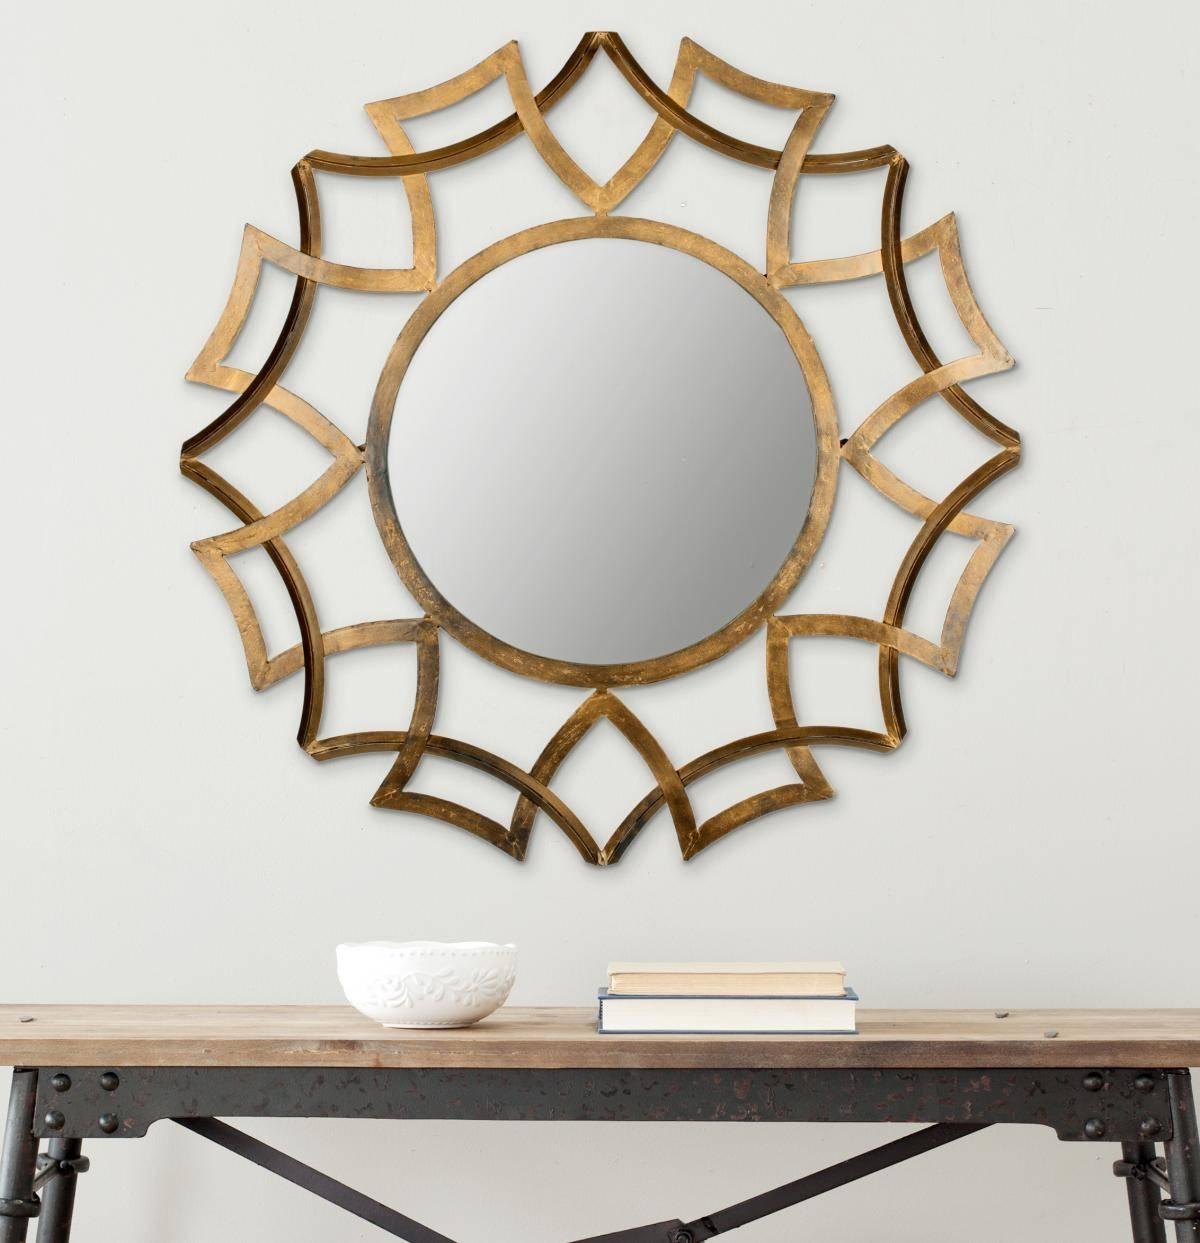 Interior & Decor: Starburst Mirror | Martha Stewart Sunburst Inside Bronze Starburst Mirrors (View 13 of 25)